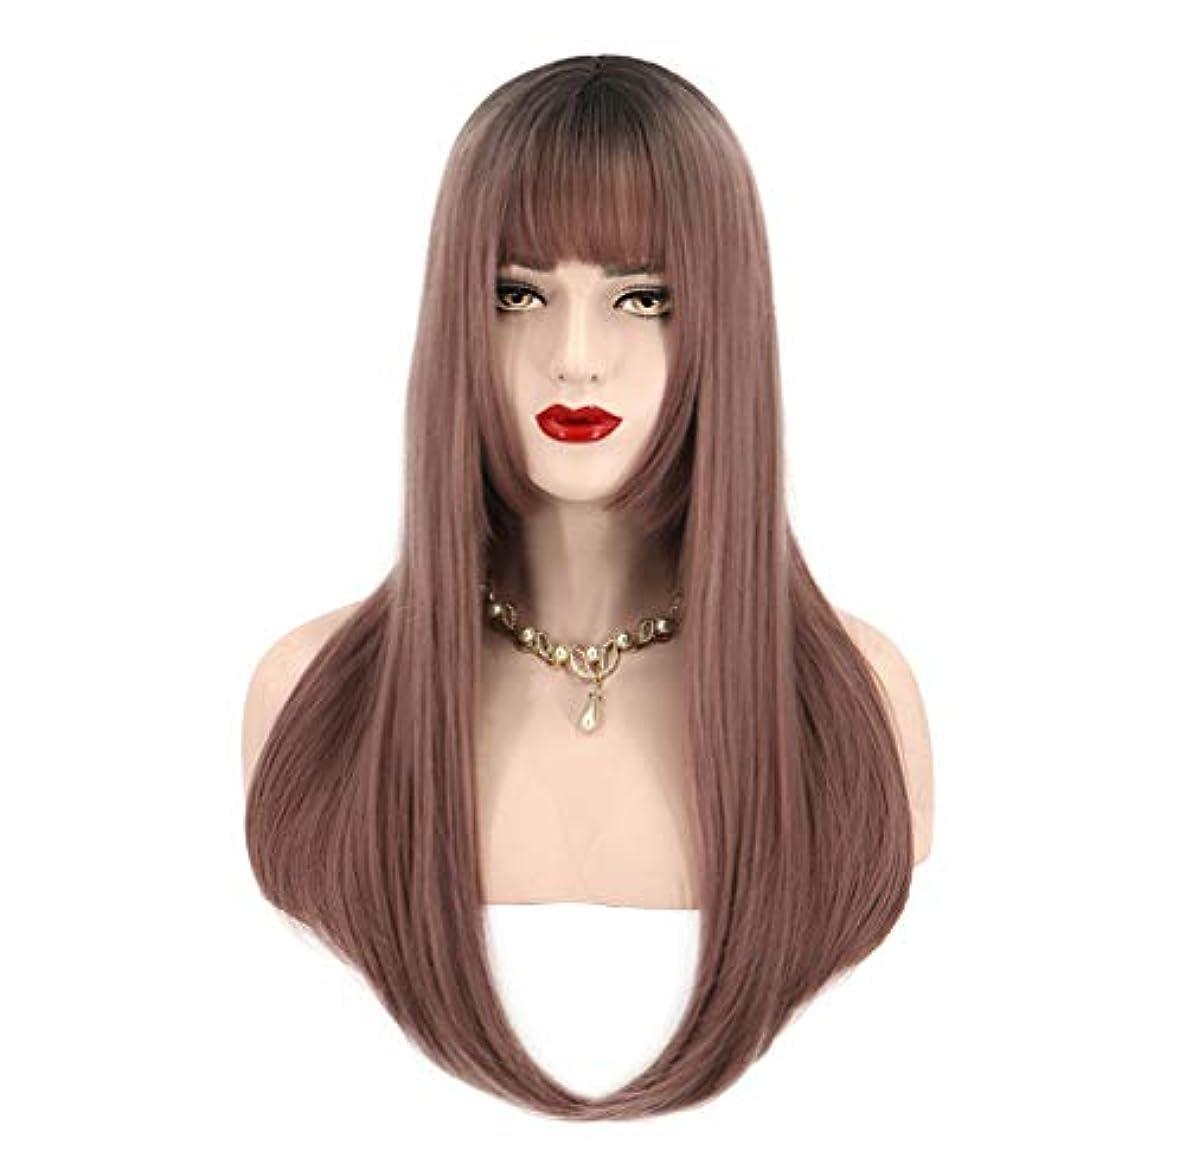 上憧れ霜女性用人工毛ウィッグロングストレート耐熱性毛先取り済み150%密度ブラウン65cm